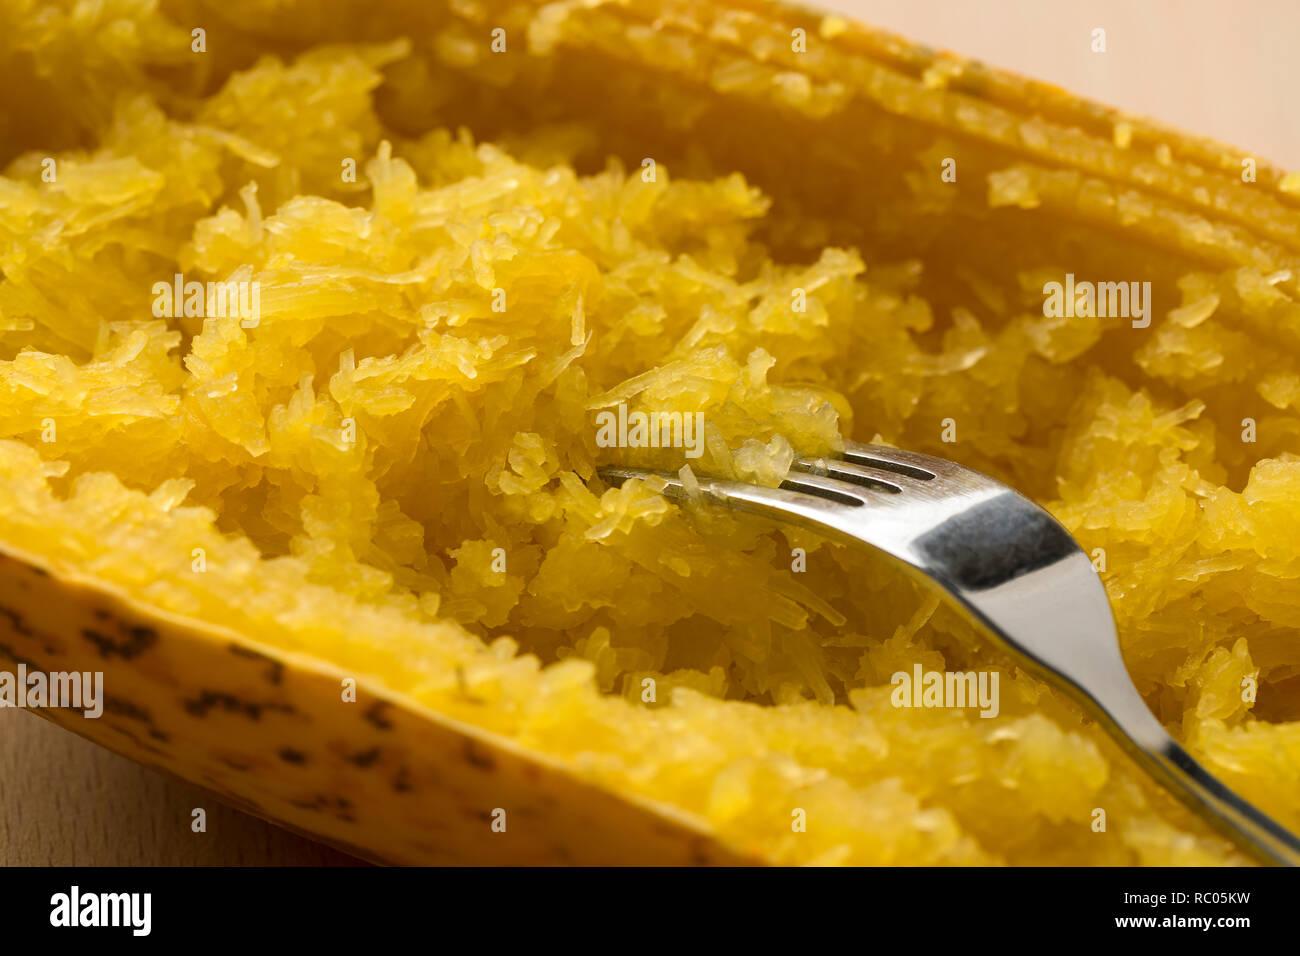 La mitad cocido calabaza espagueti cerrar Imagen De Stock